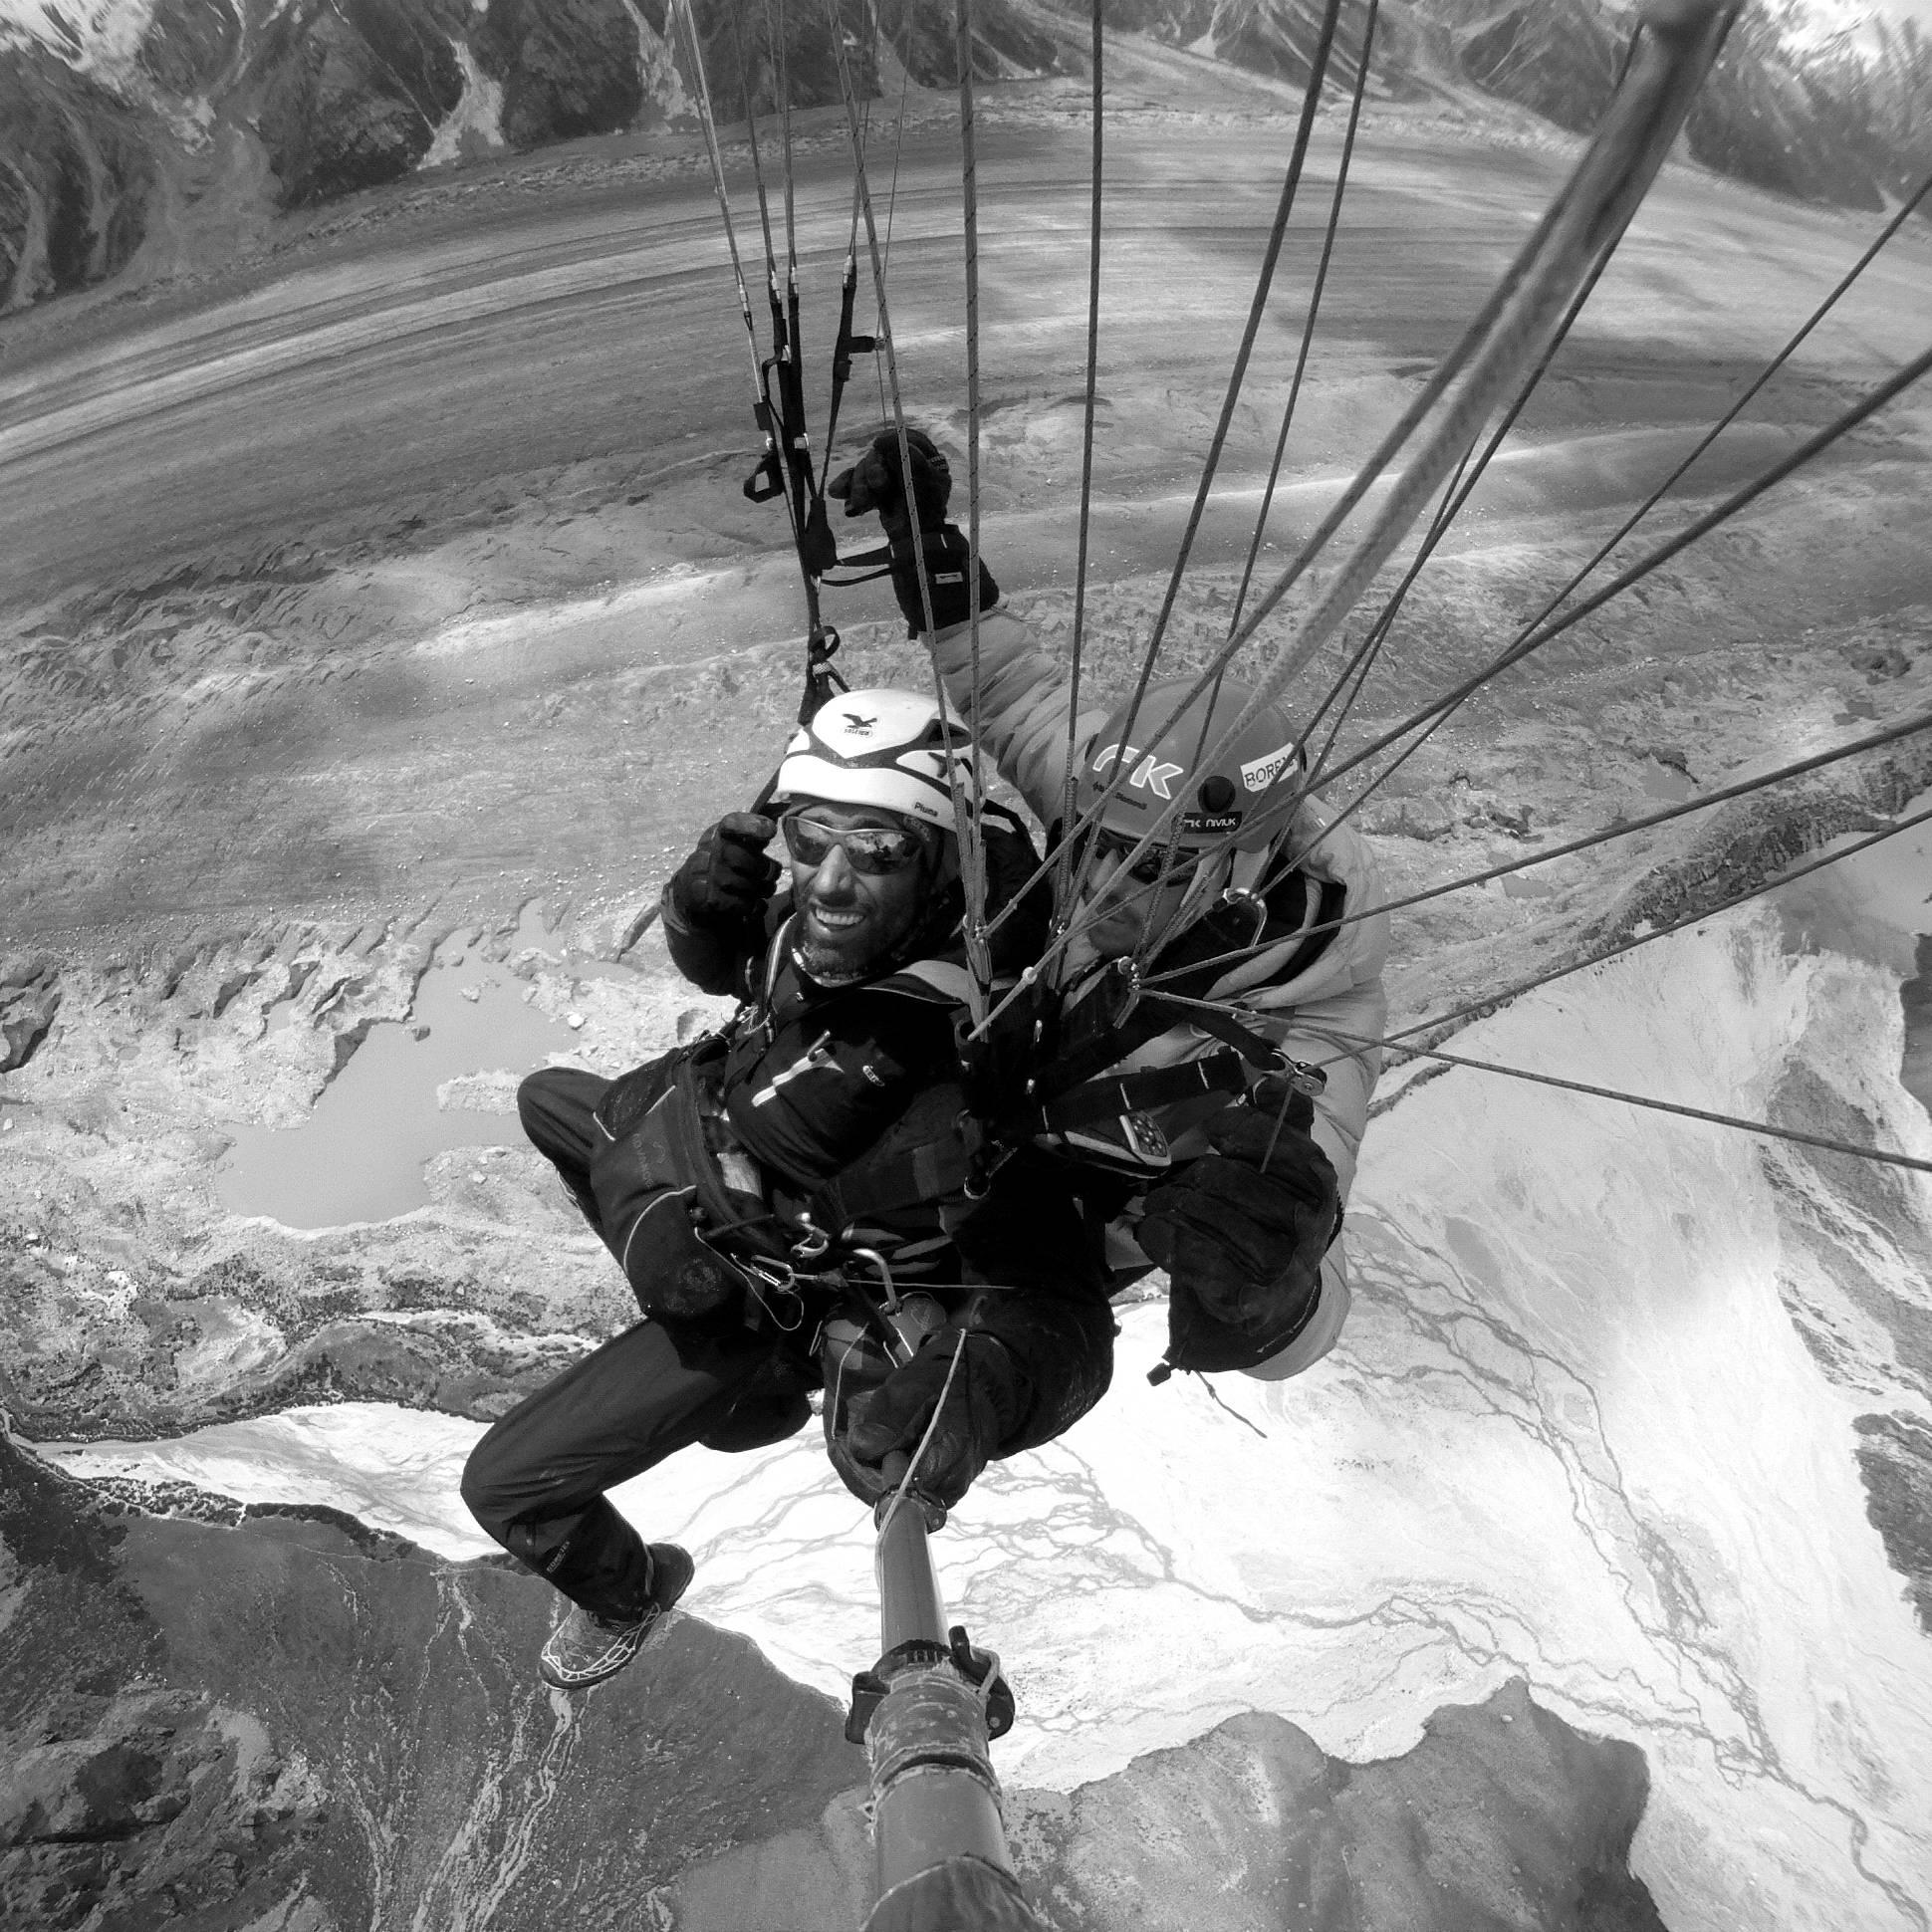 """Simón Elías: 35º 51′ 13,5"""" N 75º 47′ 13,9""""E Altitud: 4.613mts. Karakorum, Pakistán"""